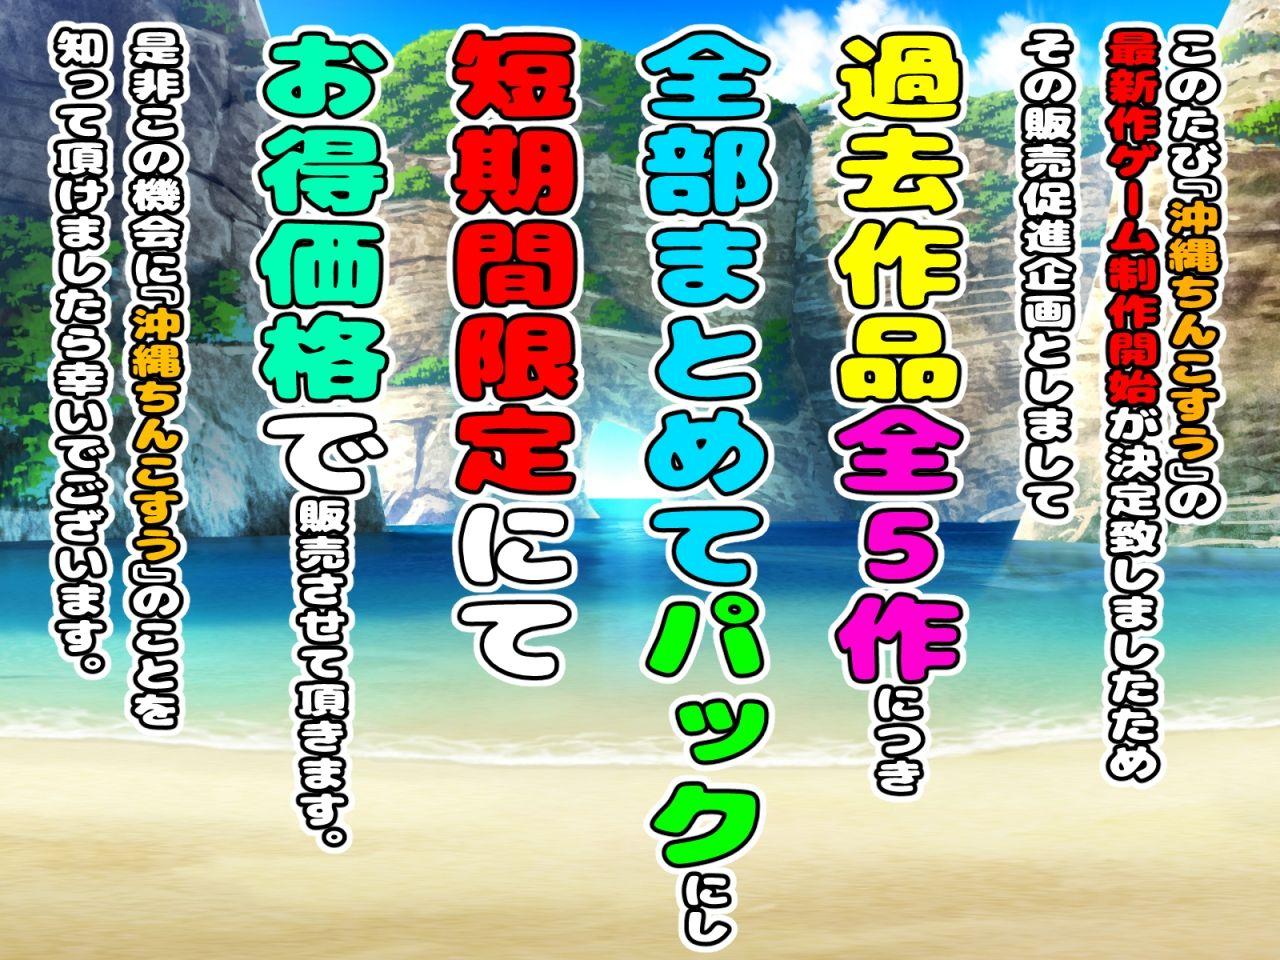 【10月10日まで】最新作含む、全作品入り超お得パック~沖縄ちんこすう新作ゲーム制作開始販売促進企画~ エロ画像